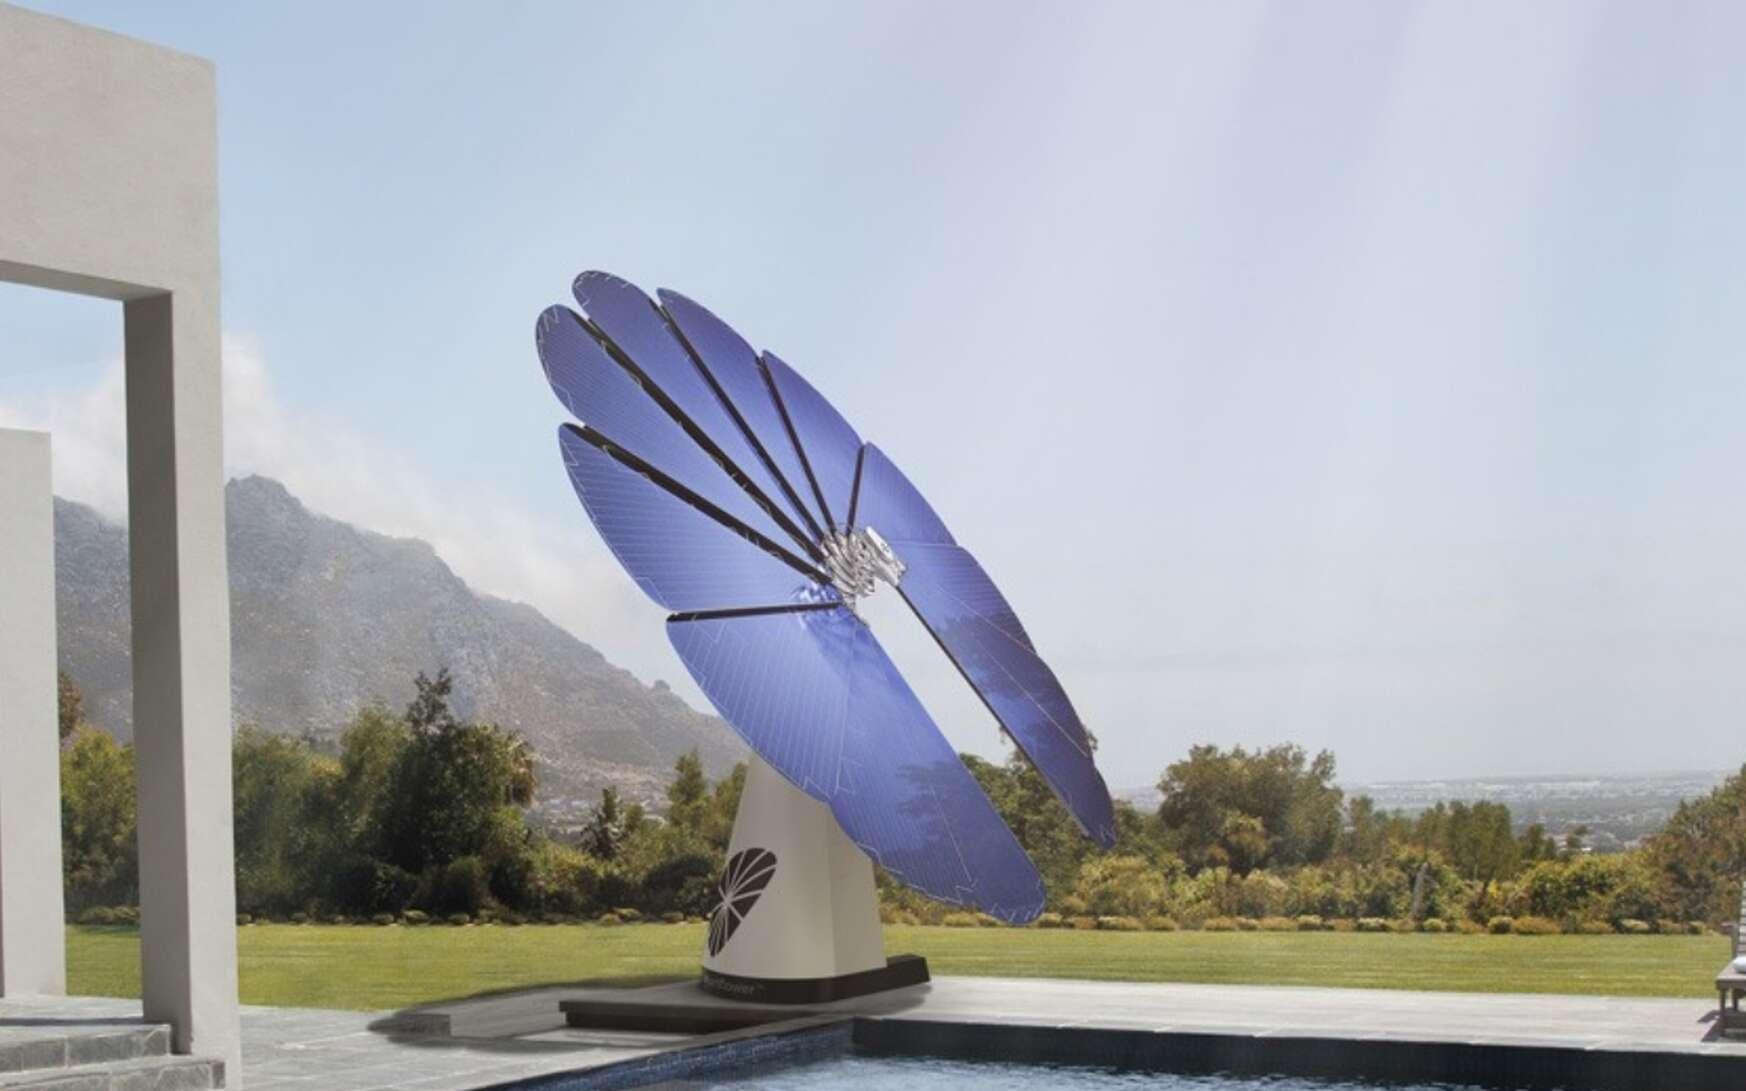 Cette grande fleur, de 4,80 m de diamètre pour 700 kg, s'appelle SmartFlower. Elle suit le soleil à la manière d'un tournesol, une bonne solution pour maximiser le rendement des cellules photovoltaïques. © SmartFlower